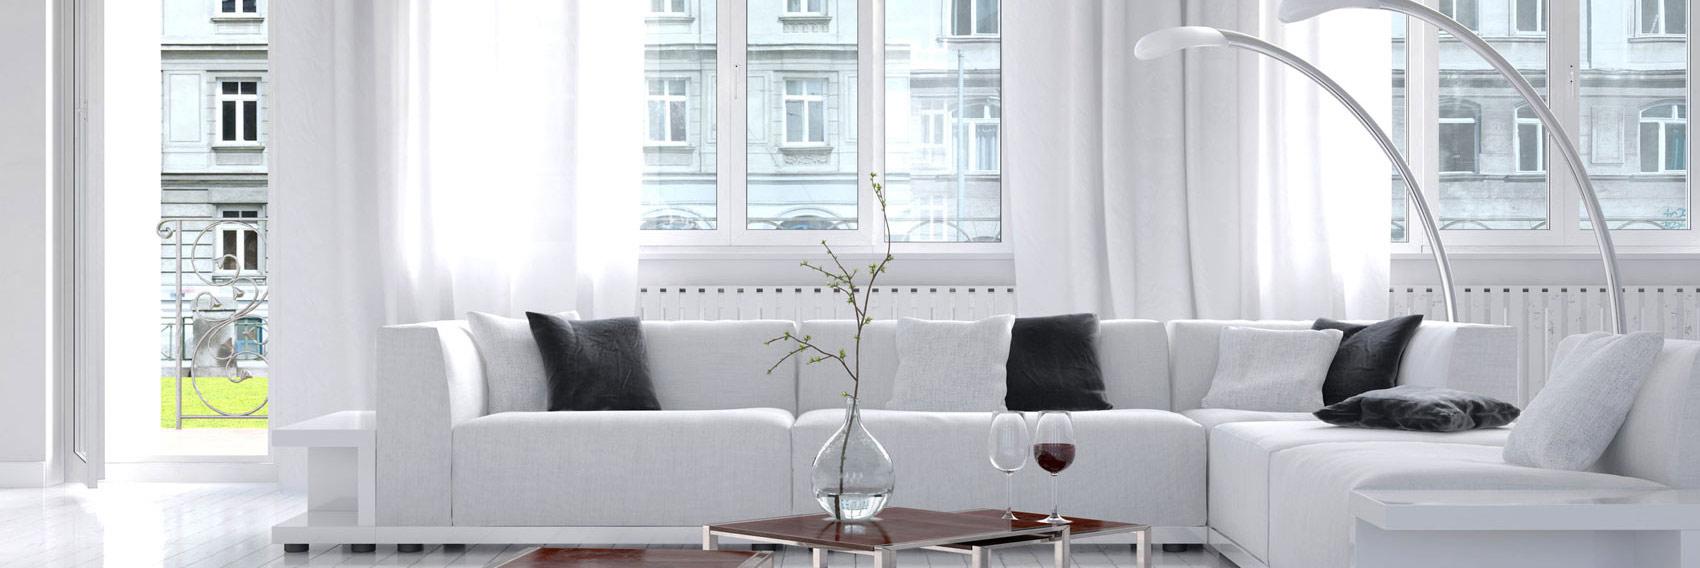 Property agenzia intermediazione immobiliare milano e roma for Contratto locazione arredato